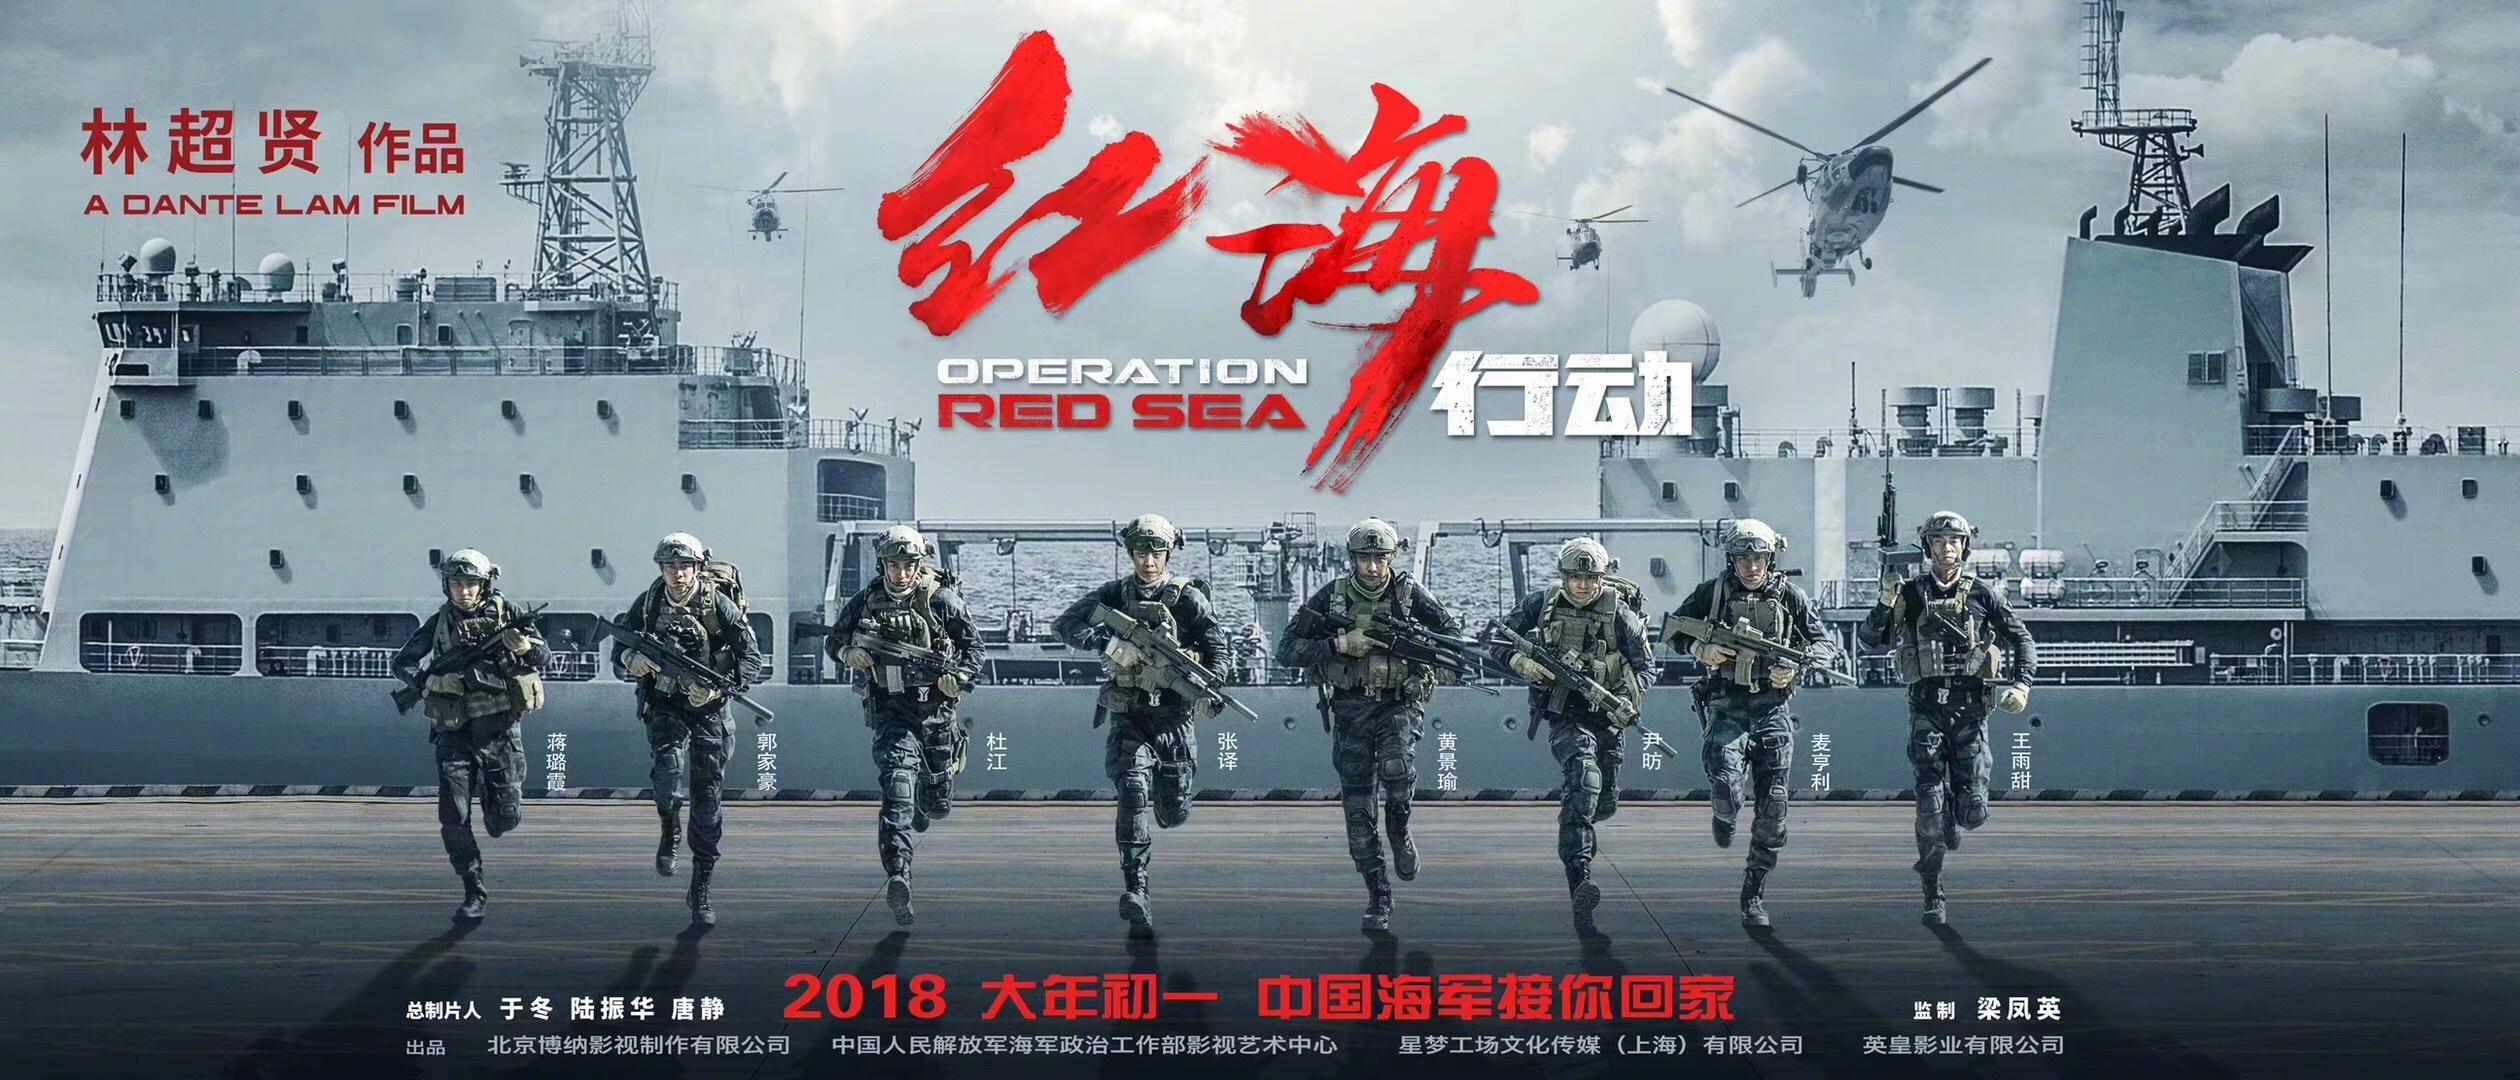 《红海行动》曝单人海报 蛟龙小队各显神通跨境救援